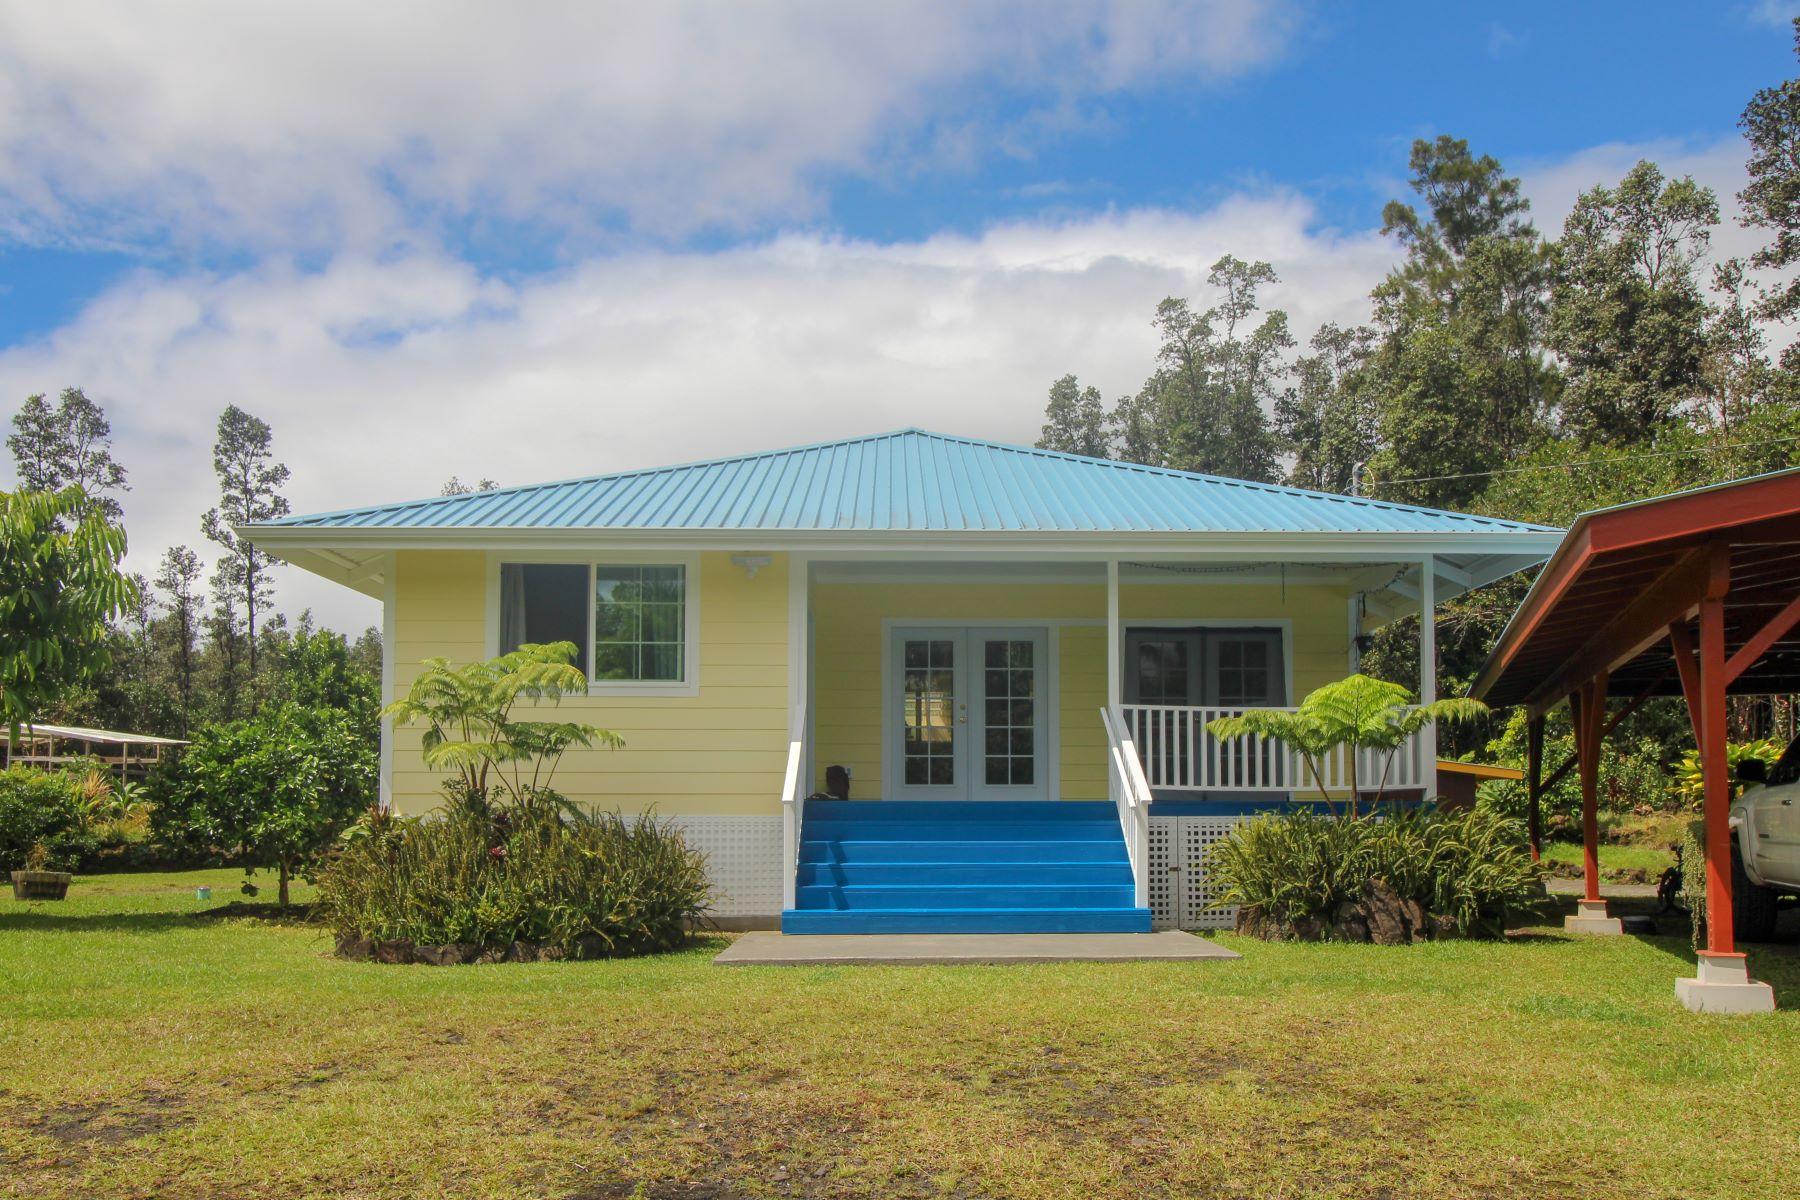 Single Family Homes för Försäljning vid 16-1256 Uhini Ana Road, Mountain View, HI 96771 Mountain View, Hawaii 96771 Förenta staterna